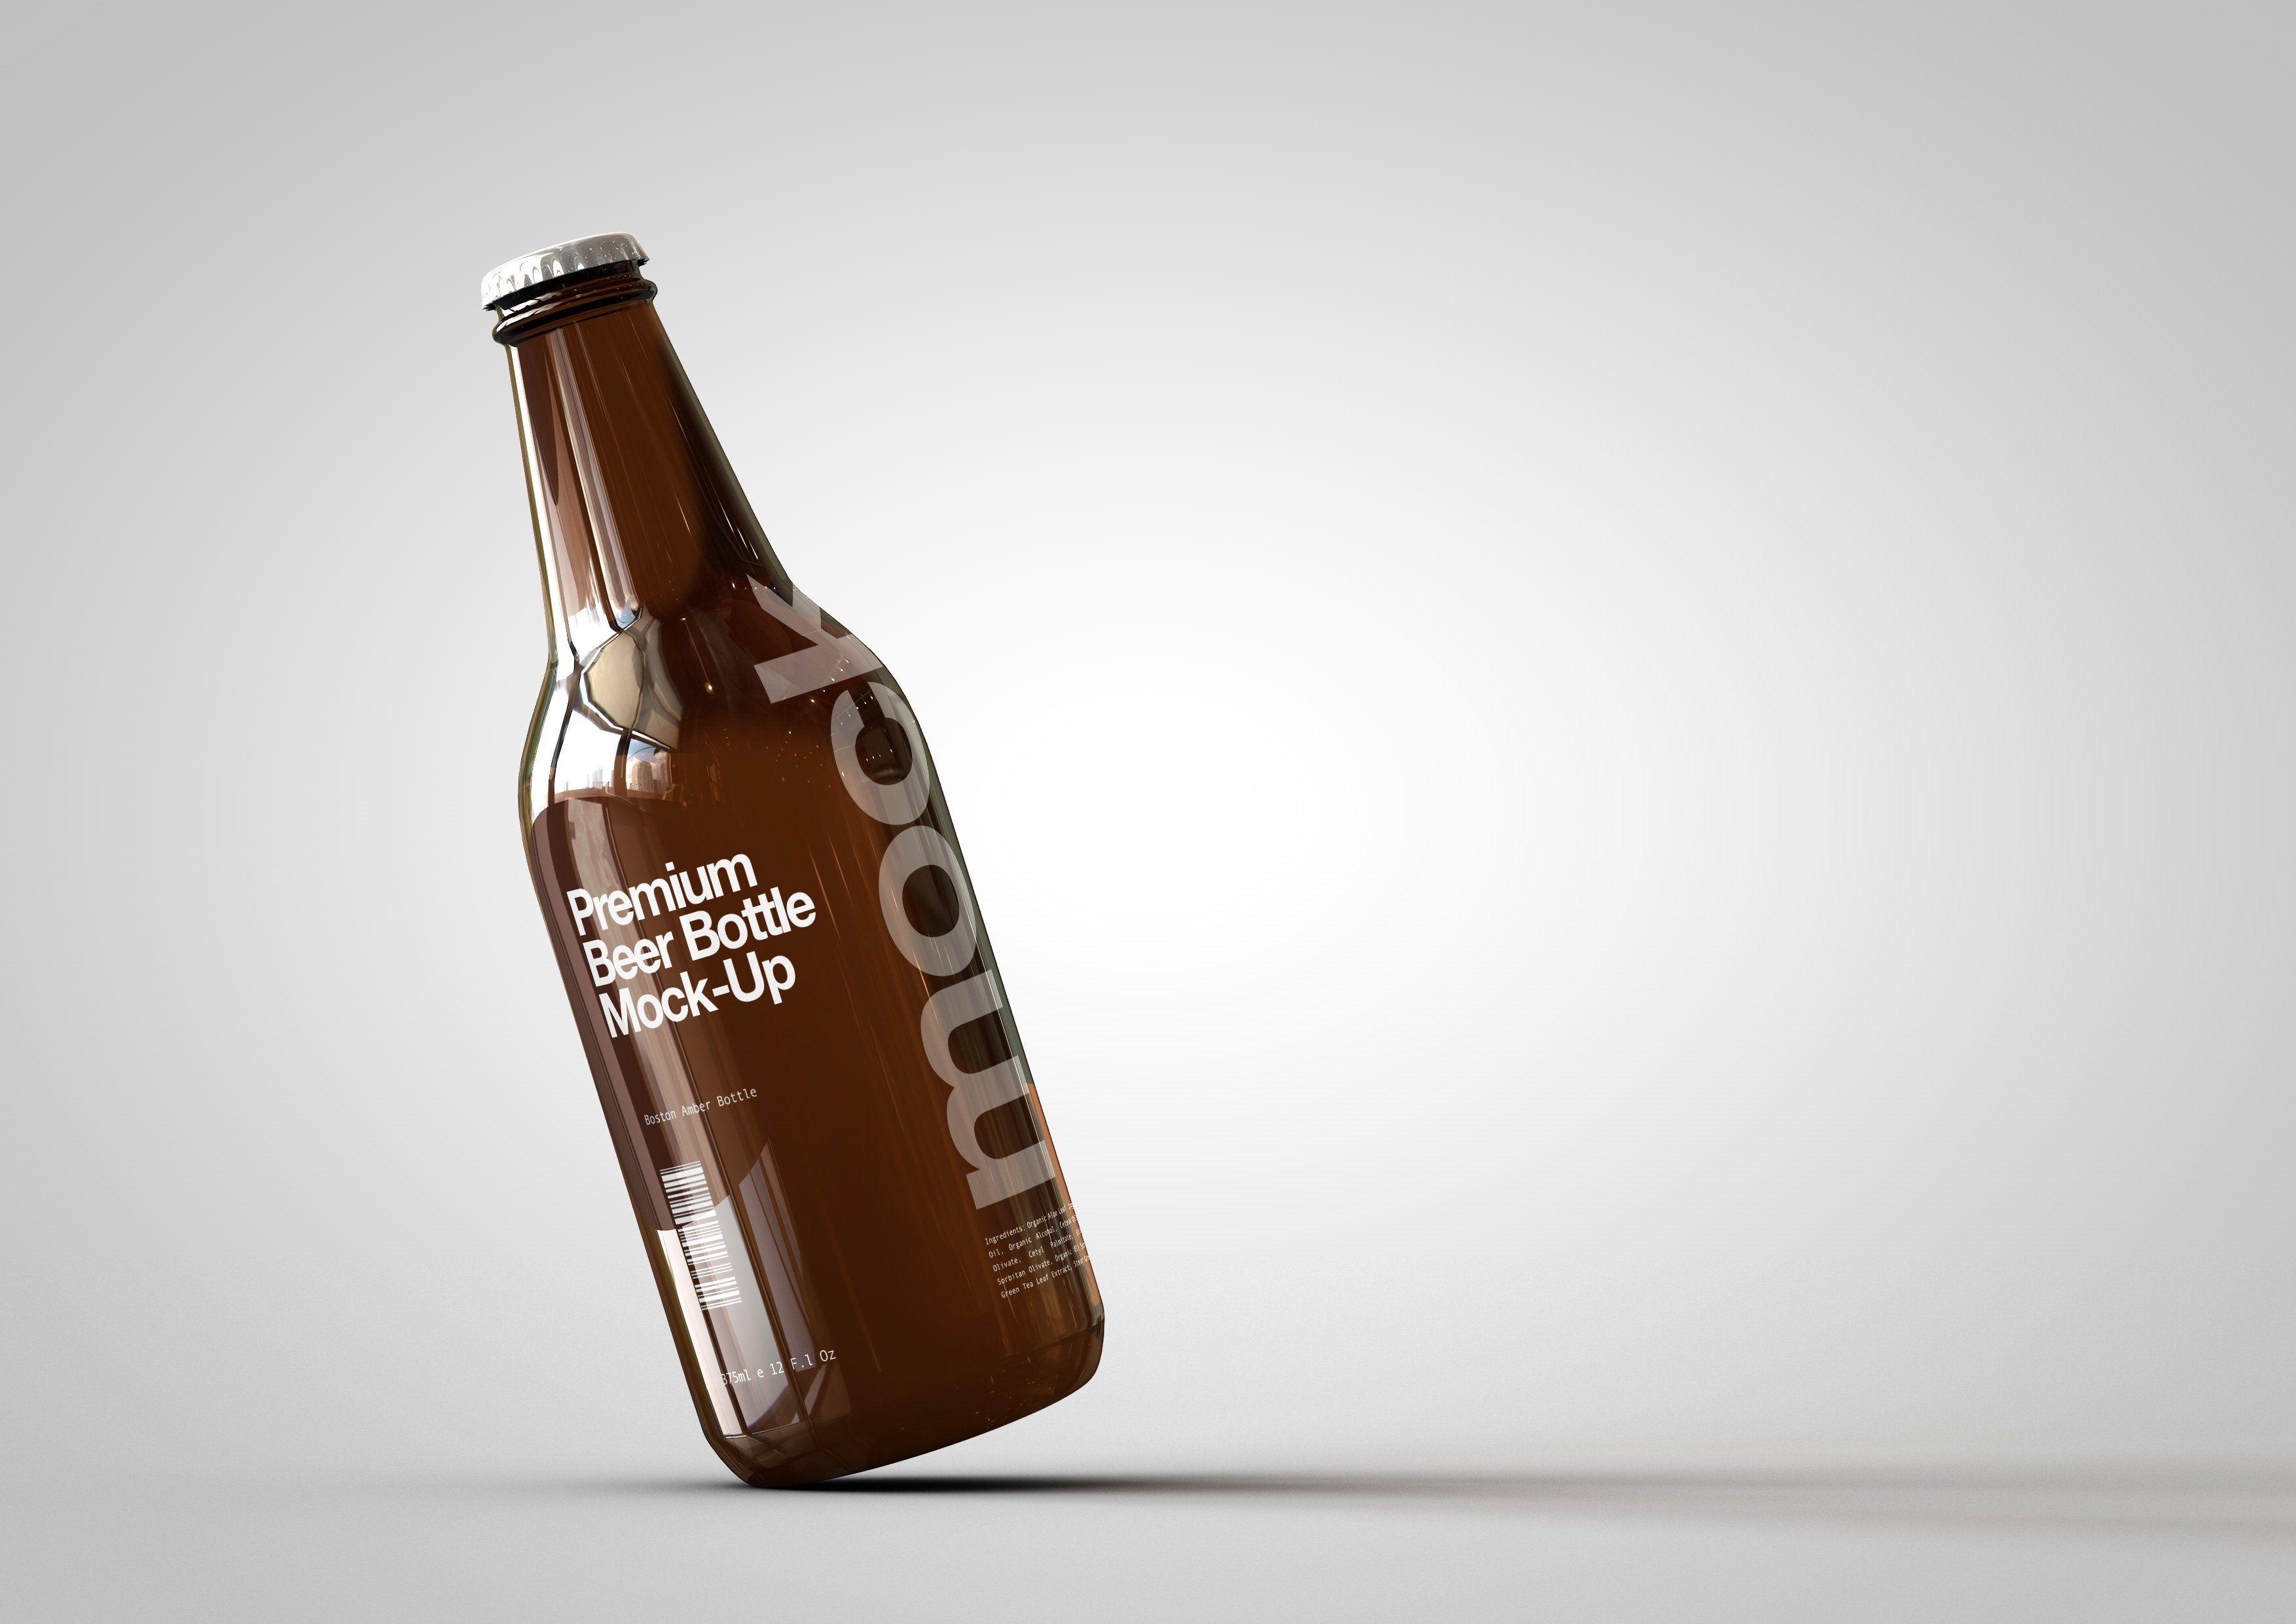 Download Amber Glass Beer Bottle Mock-Up   Beer bottle design, Beer ... Free Mockups